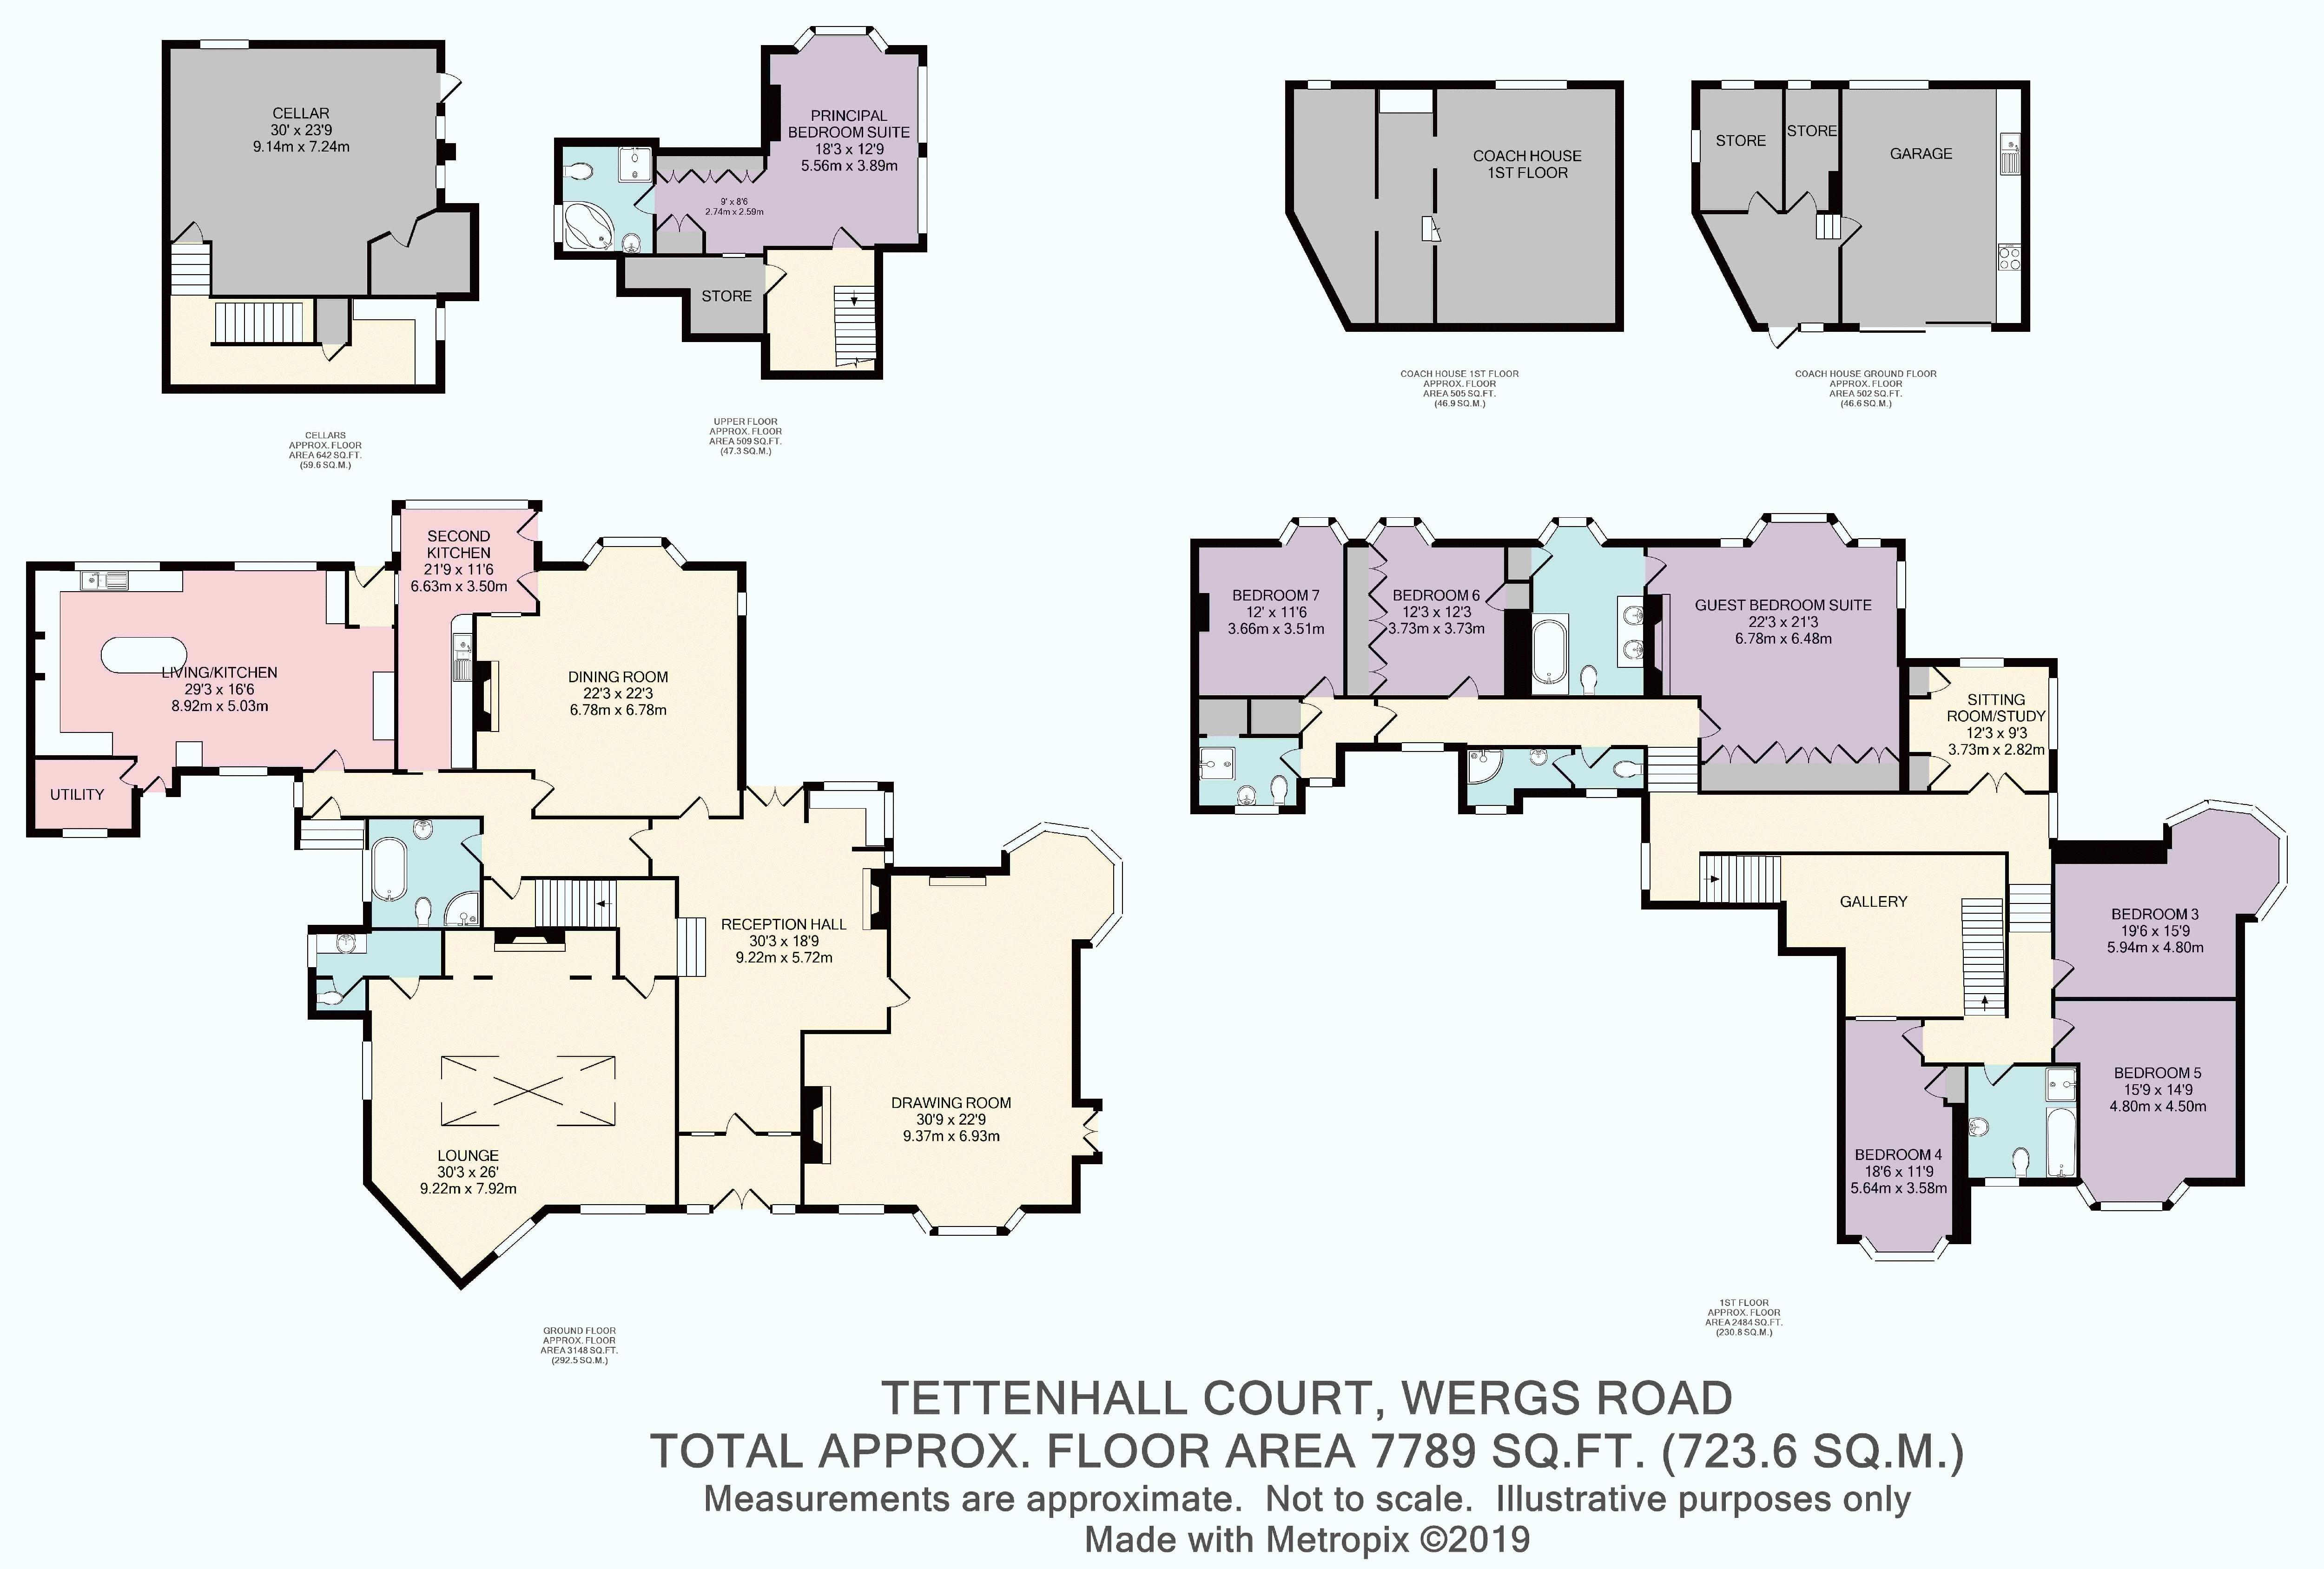 Tettenhall Court